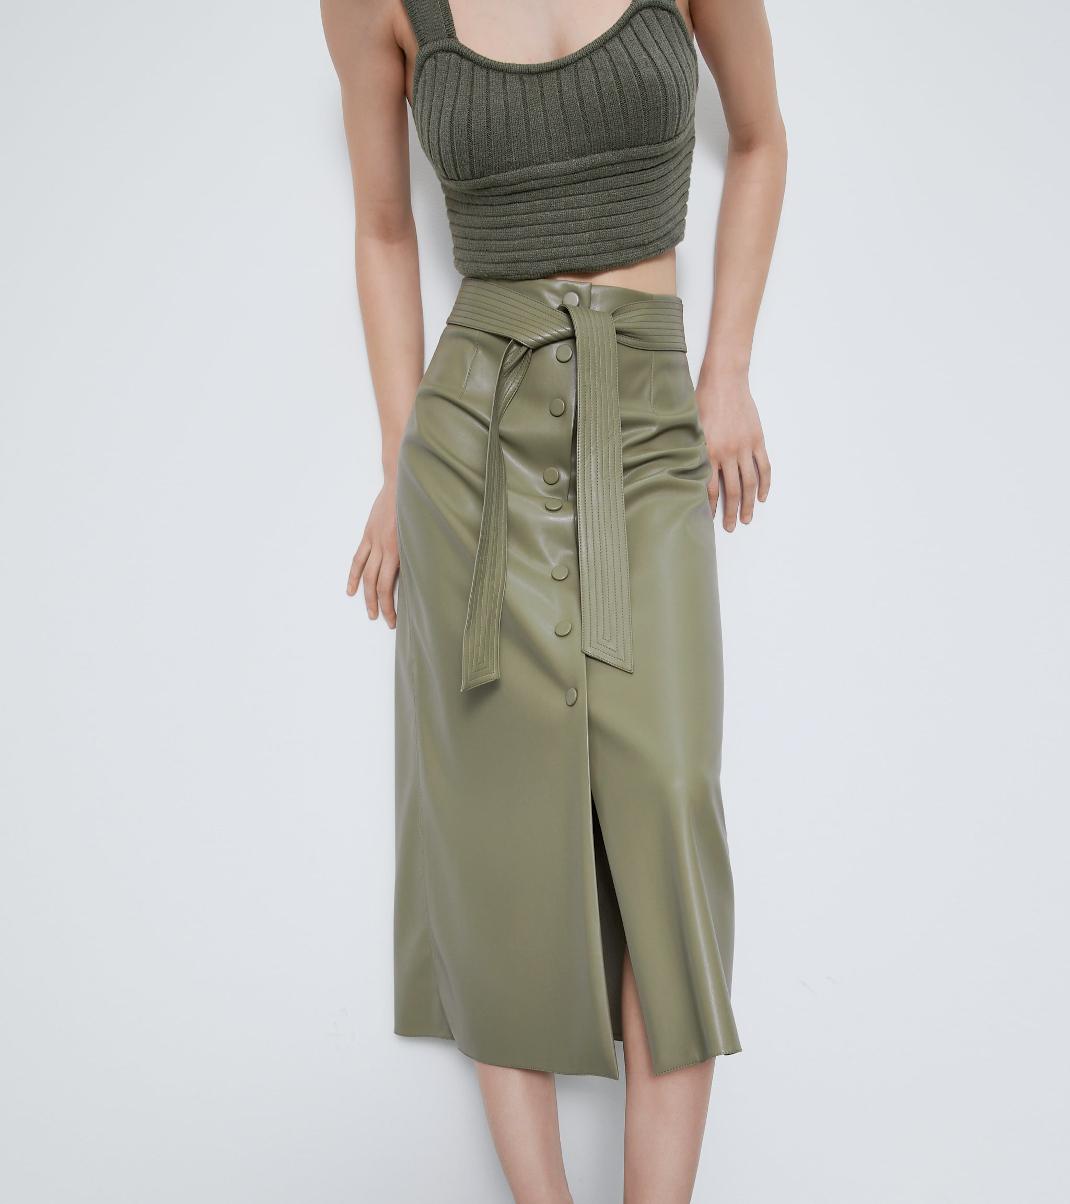 μοντέλο με φούστα Zara